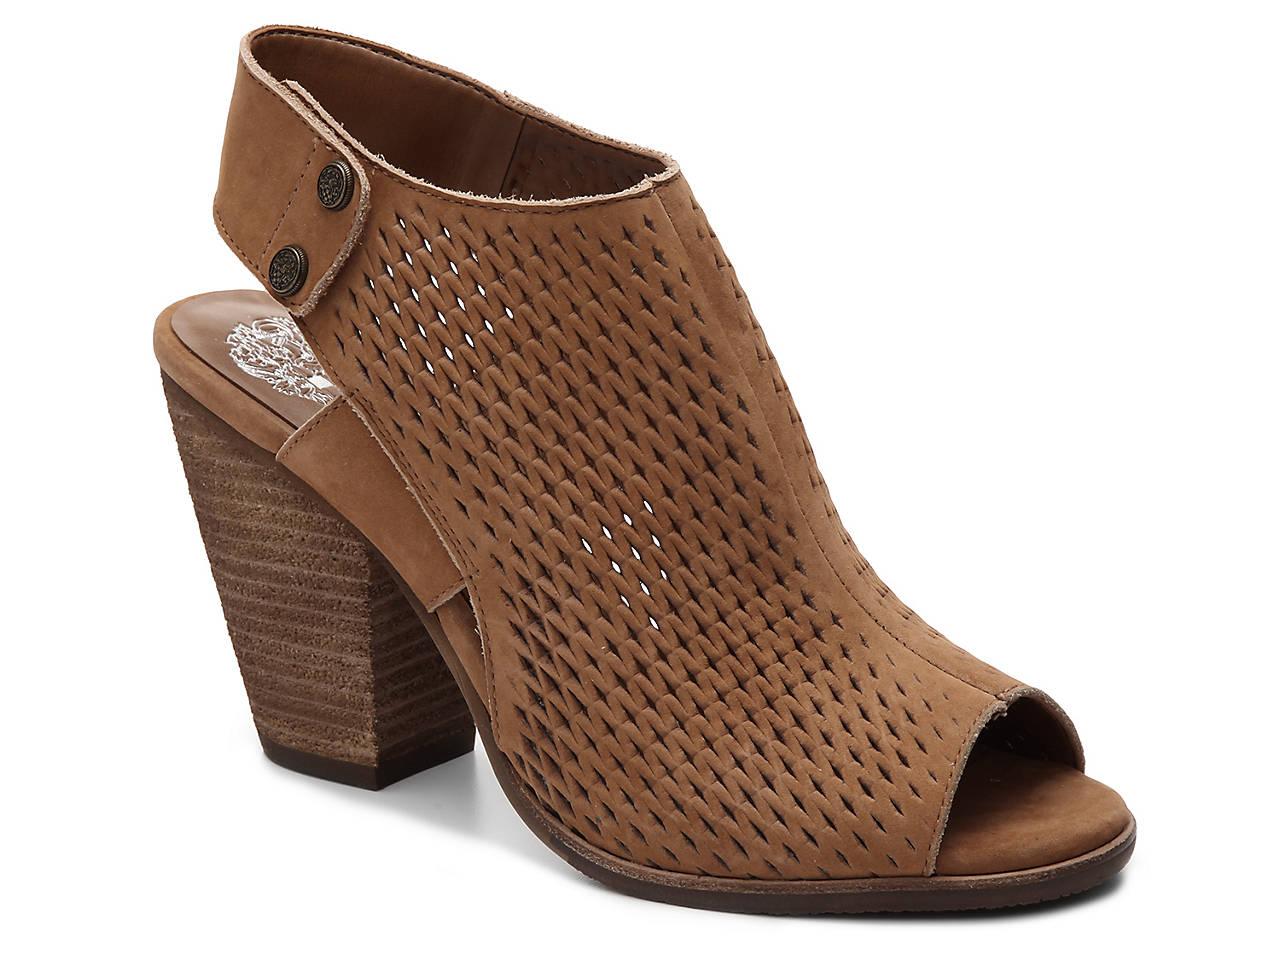 b4413055acf0 Vince Camuto Jace Sandal Women s Shoes